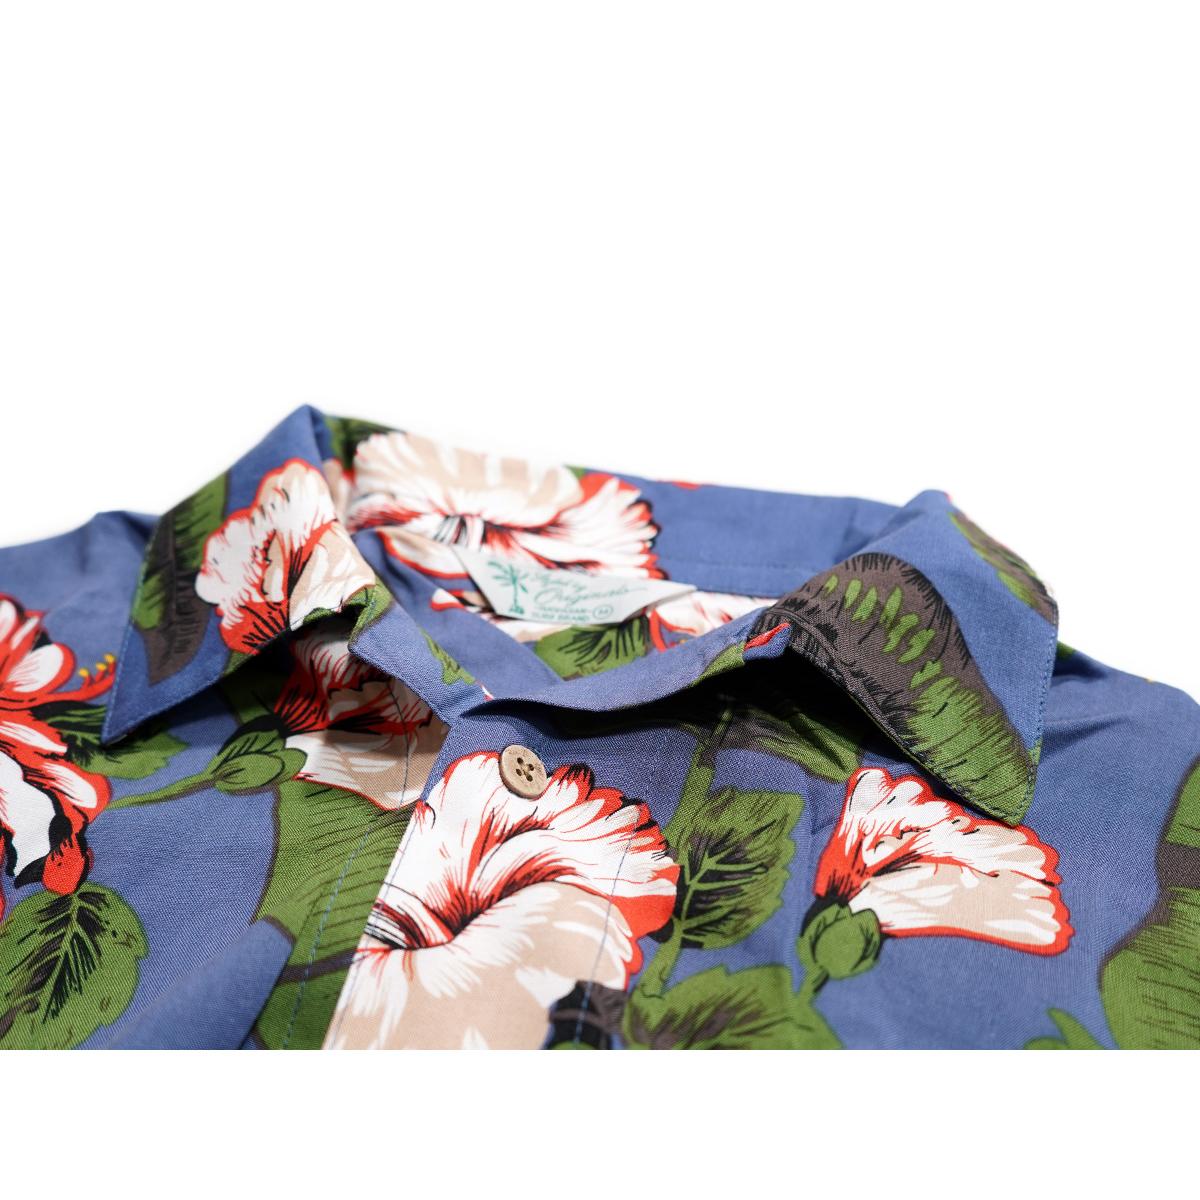 【新品】 アロハシャツ レーヨン フラワー柄■ 4Lサイズ(3XL) / グリーン緑42 ■大きいサイズ ボタニカル 花 オープンカラー b008_画像3